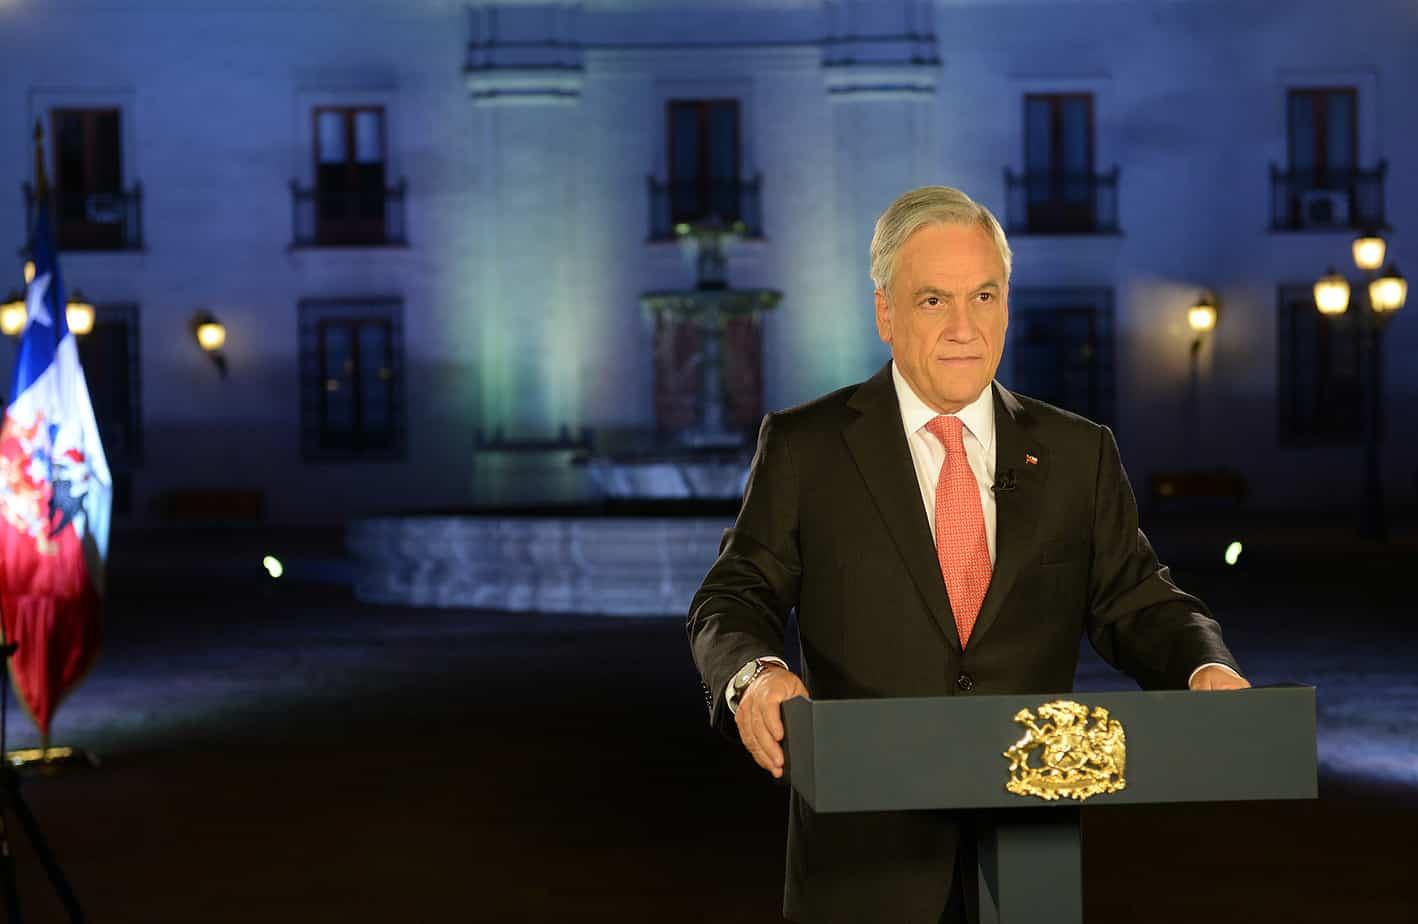 Tras 6 horas de debate se rechaza Acusación Constitucional contra el Presidente de la República